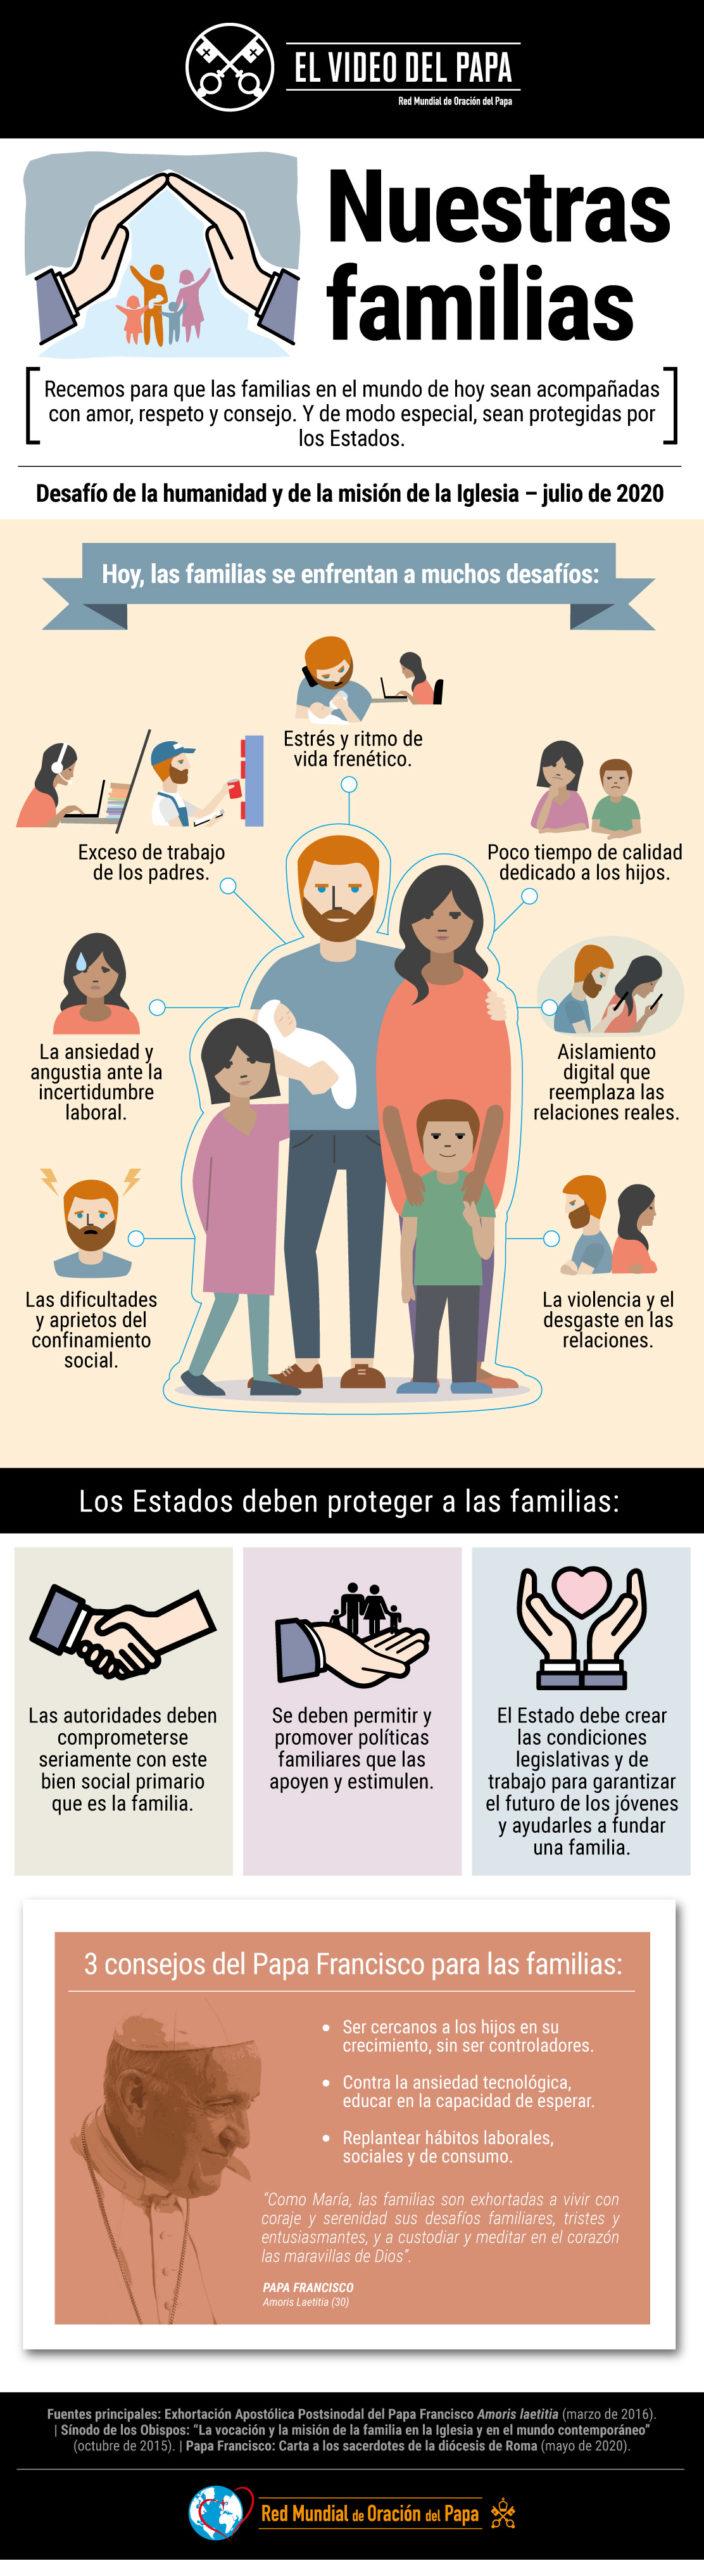 Infografía - TPV 7 2020 ES - El Video del Papa - Nuestras familias